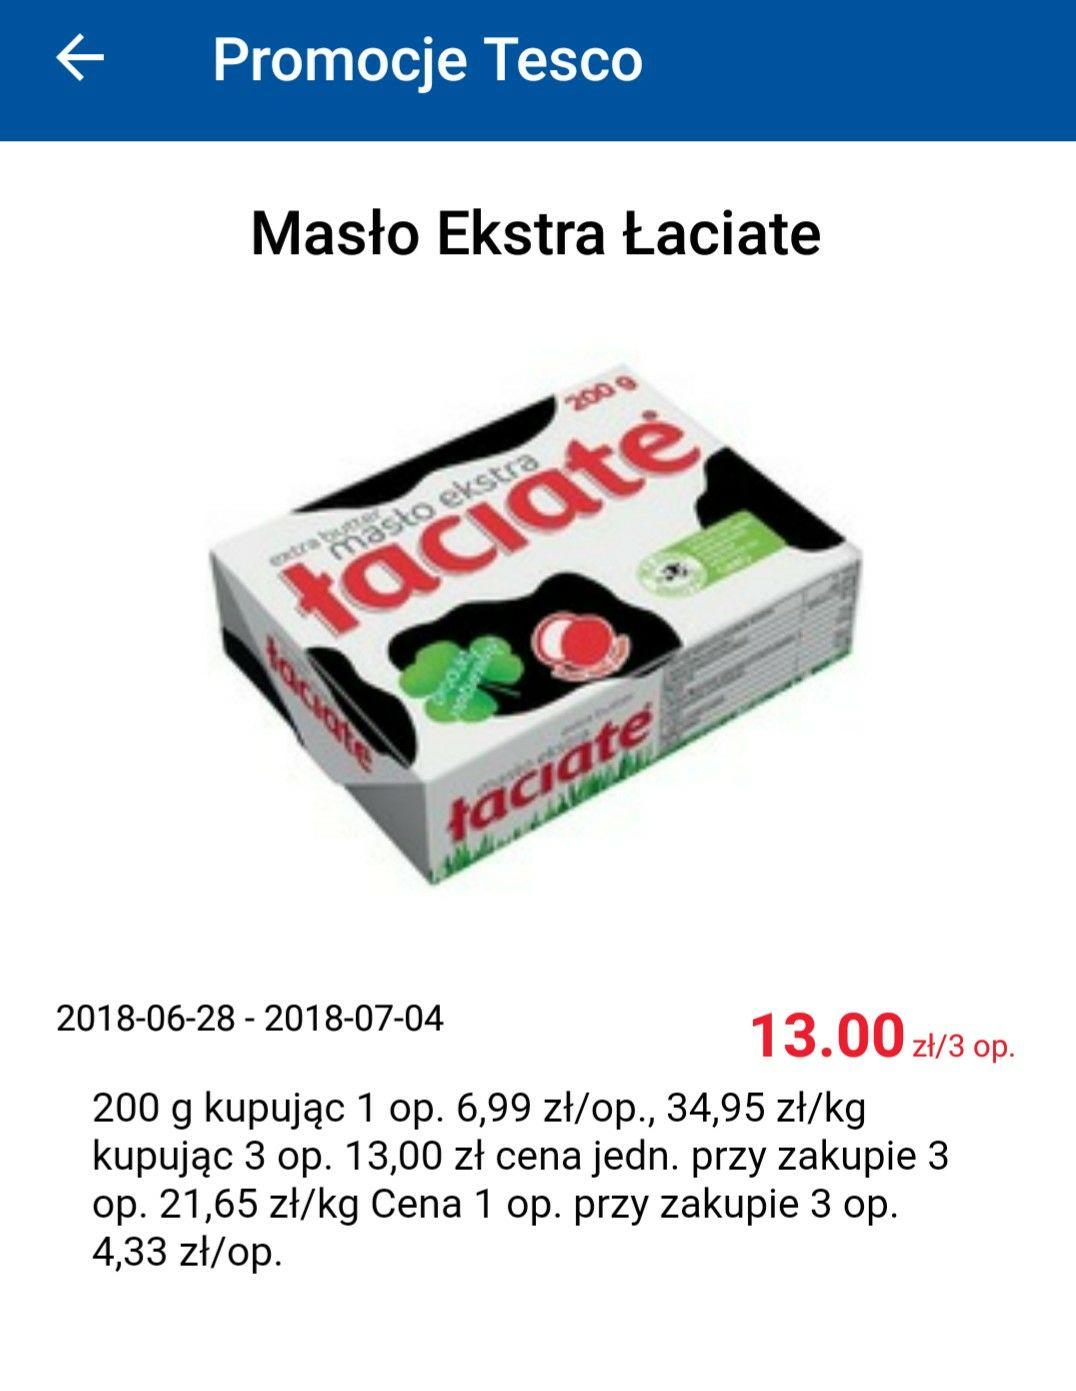 Masło Extra Łaciate Tesco 4,33 zł przy zakupie 3 sztuk